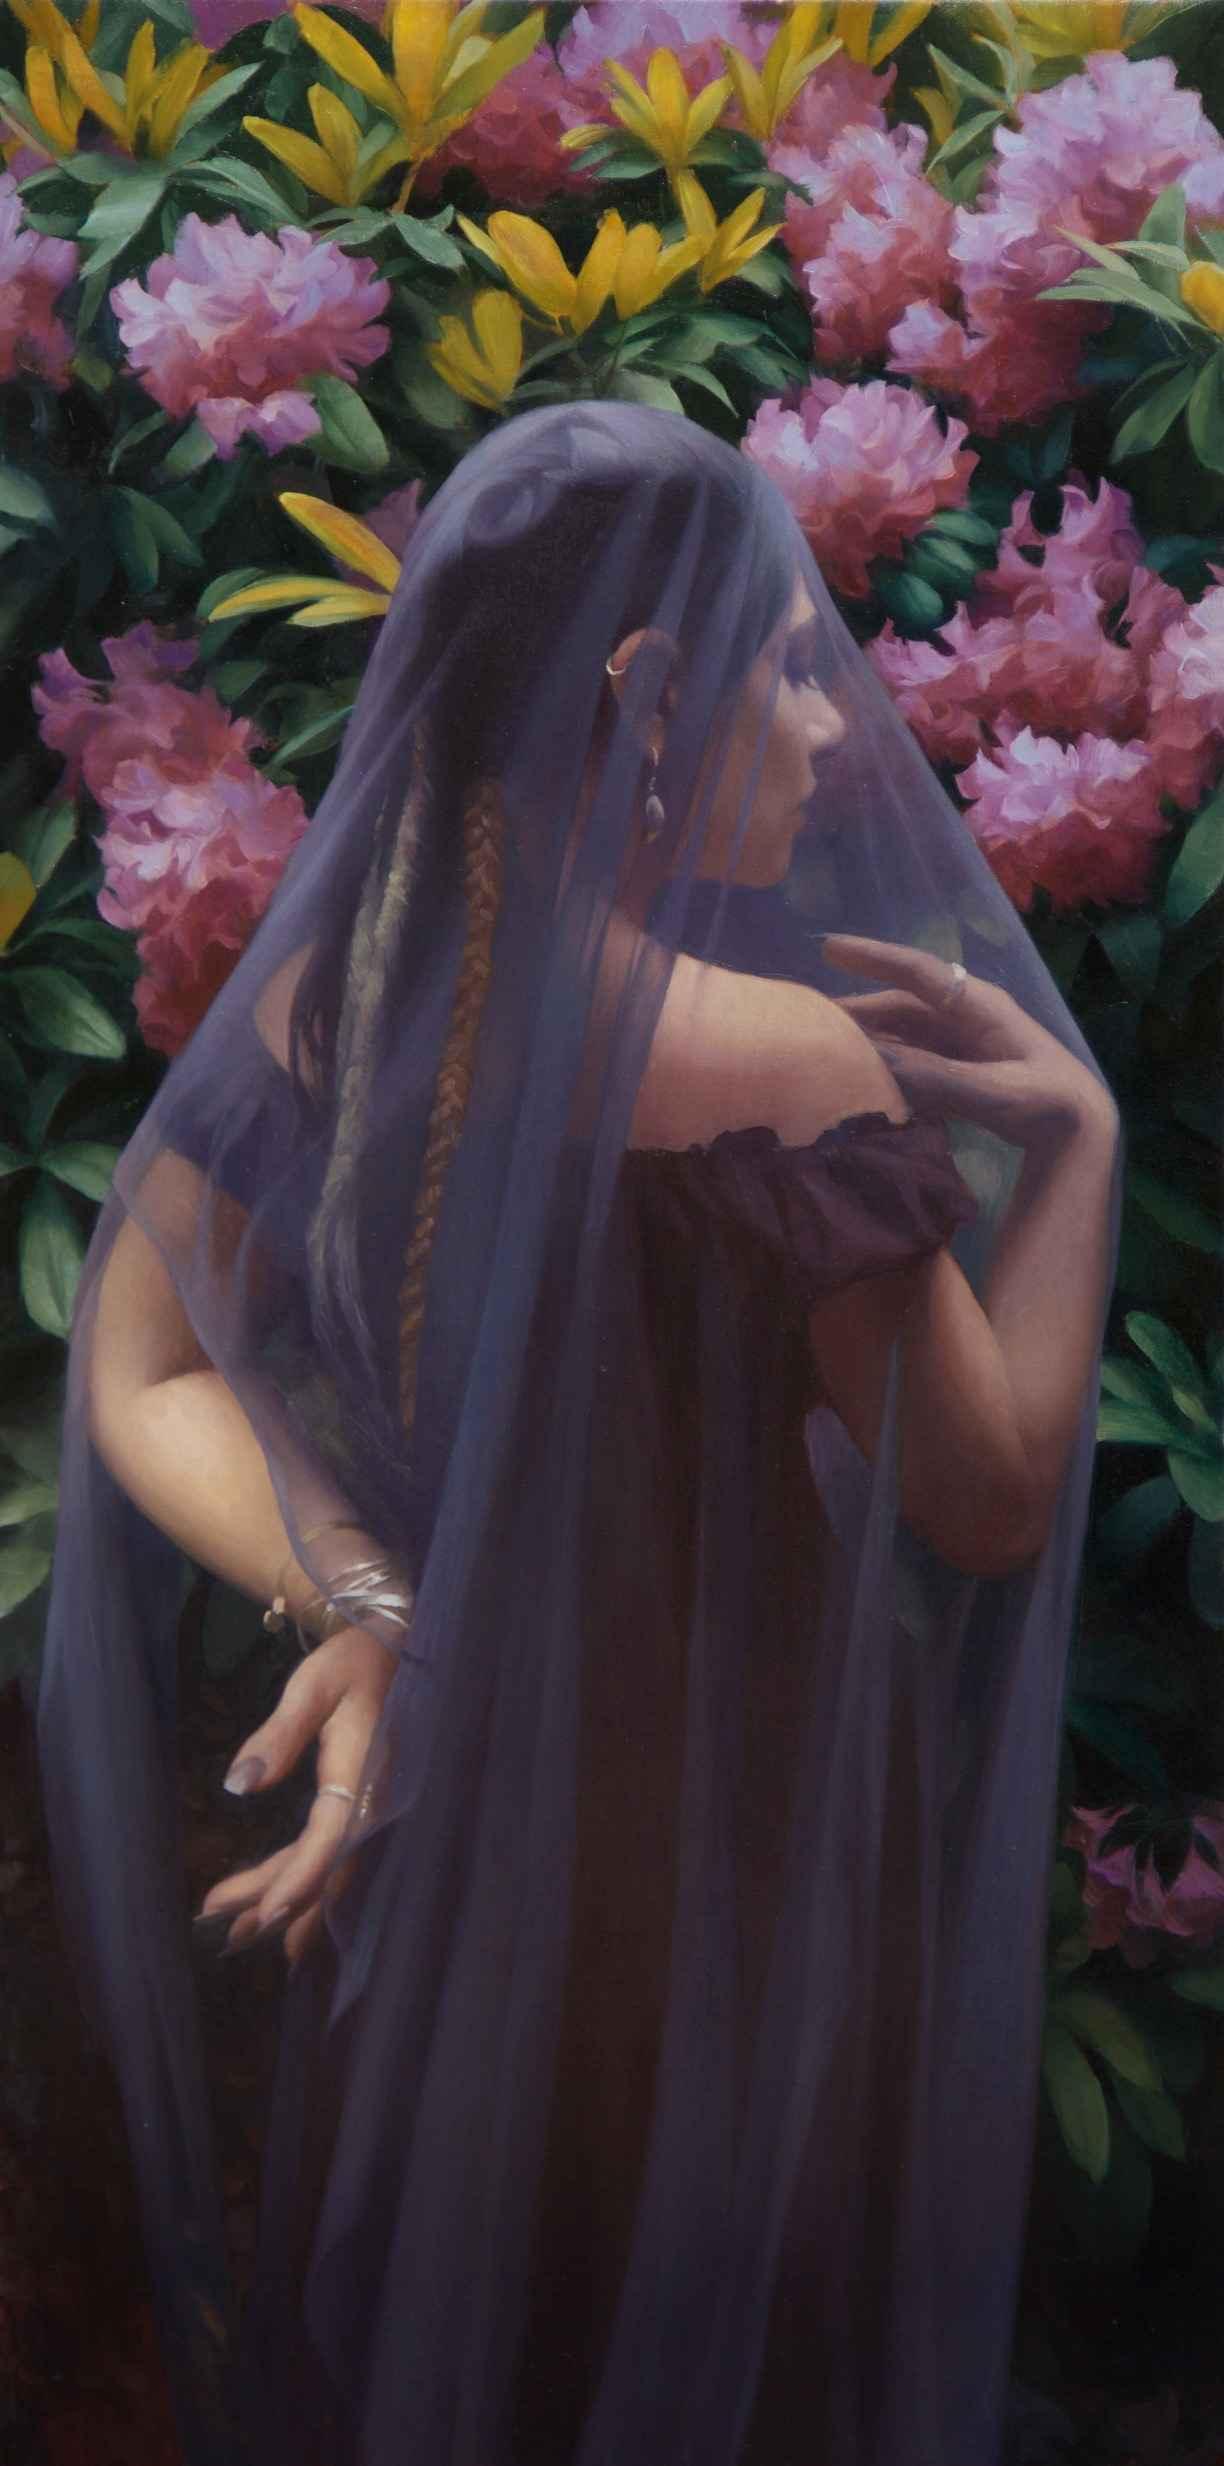 Violet Bride by  Adrienne Stein - Masterpiece Online